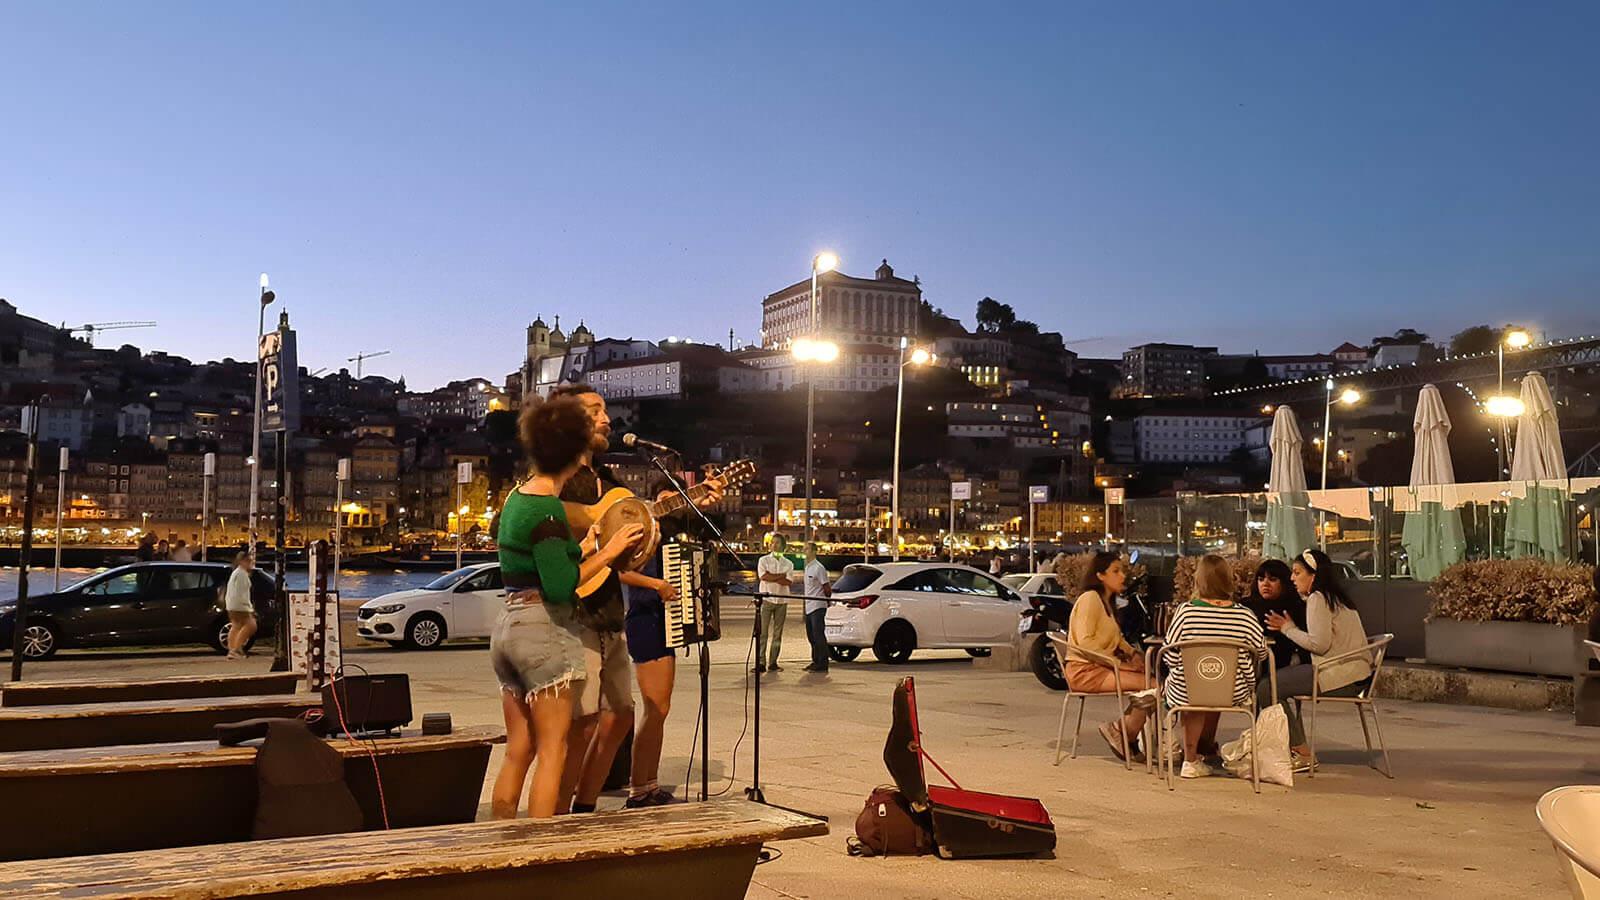 In der Nähe des Cais de Gaia (Gaias Kai), nur einen Steinwurf vom World of Wine Museum entfernt und direkt in einer Ansammlung von Portweinkellern gelegen, bietet dieses Apartment mit zwei Schlafzimmern und ausreichend Liegeplätzen für sechs Personen ein umfassendes Erlebnis in der portugiesischen Kultur Wein und jahrhundertealte Traditionen der Region.